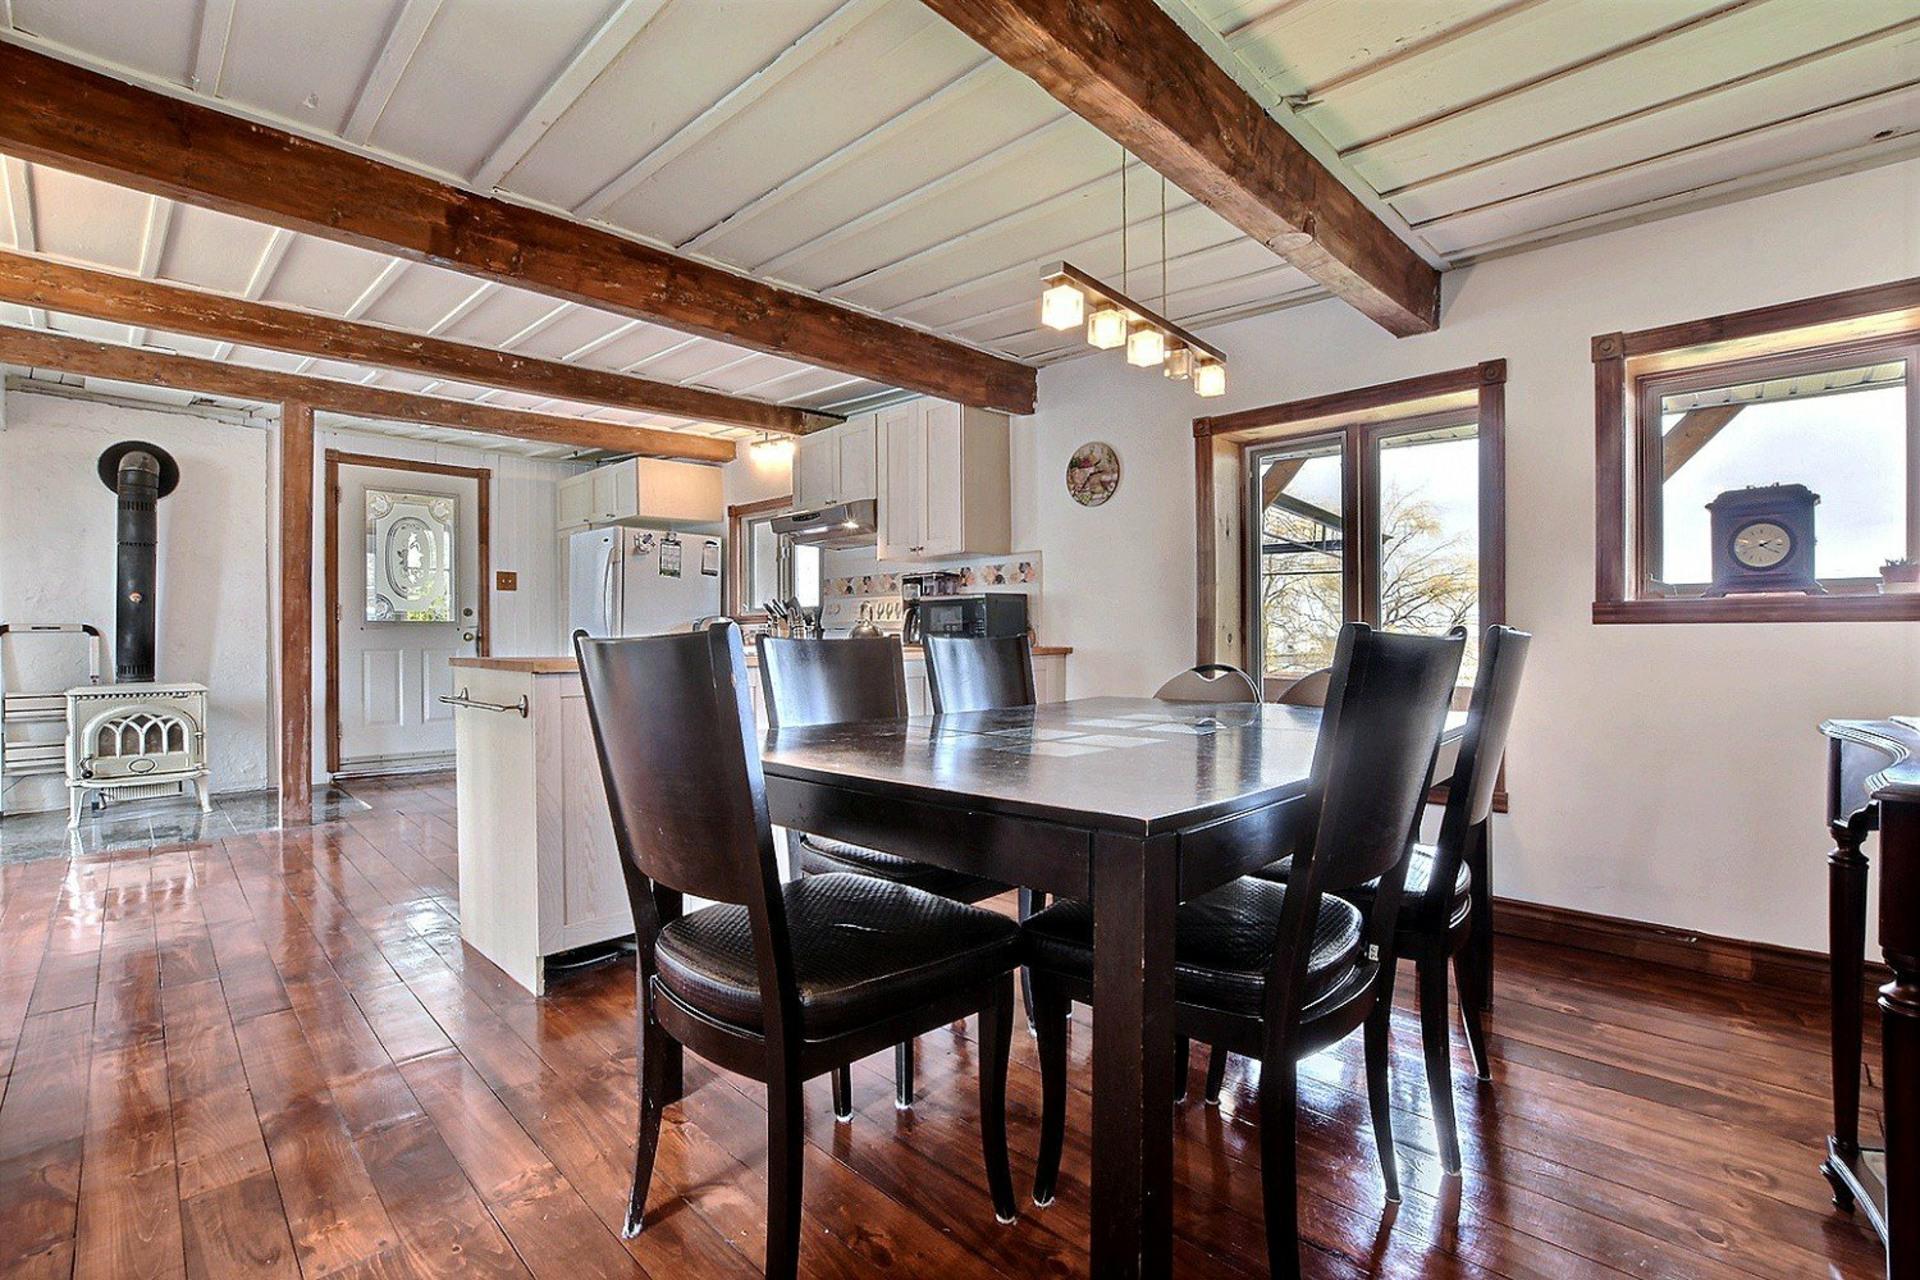 image 9 - Maison À vendre Saint-Joseph-du-Lac - 8 pièces